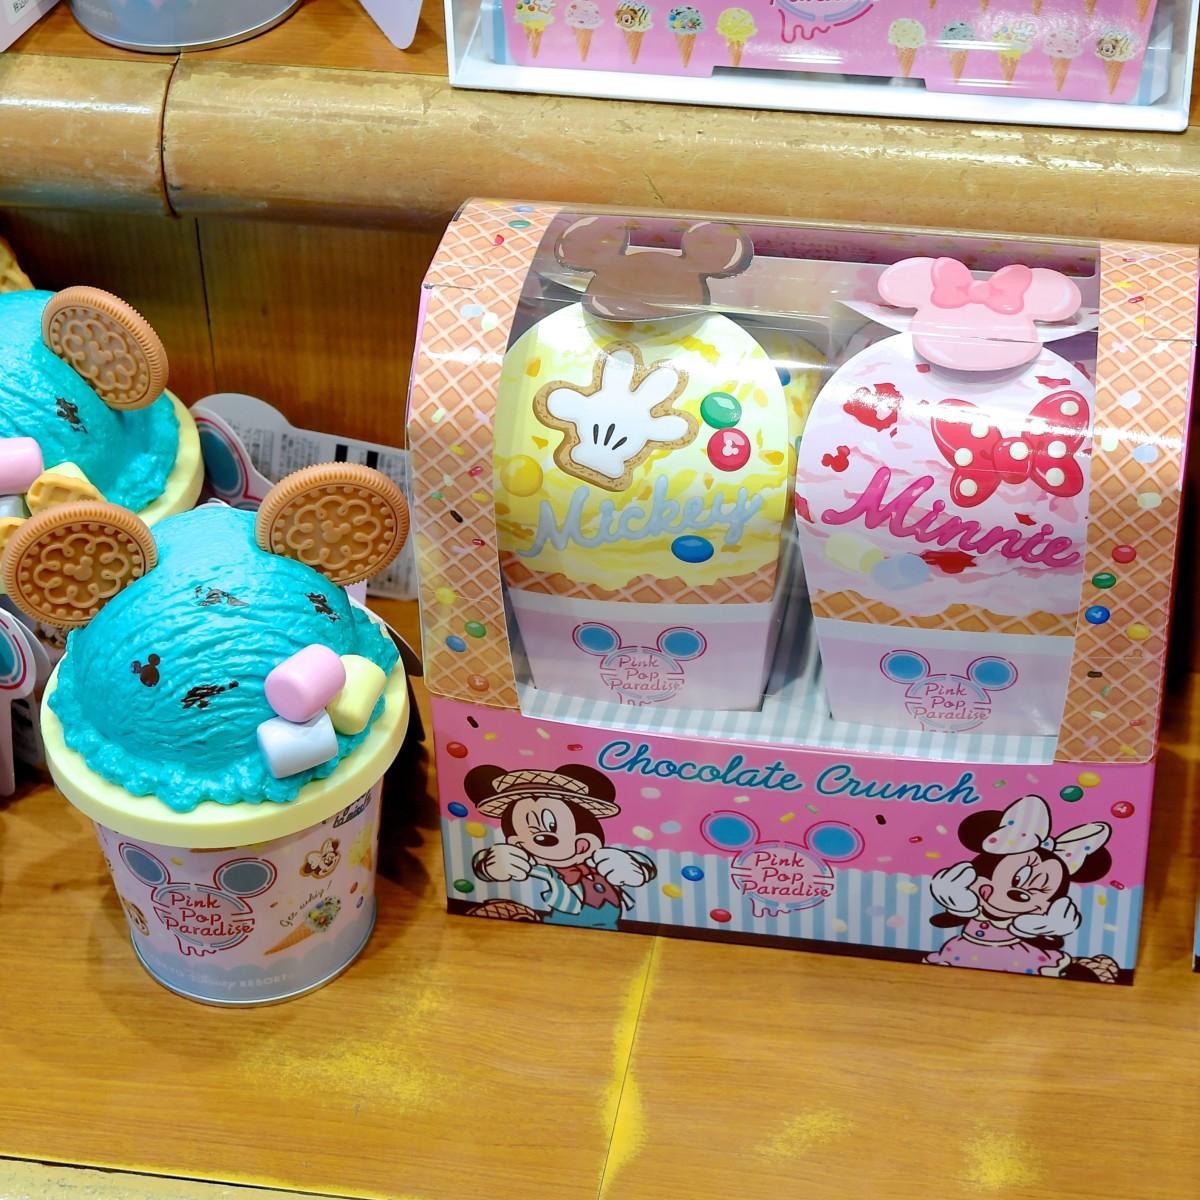 東京ディズニーランド「Pink Pop Paradise」デザインお菓子・お土産